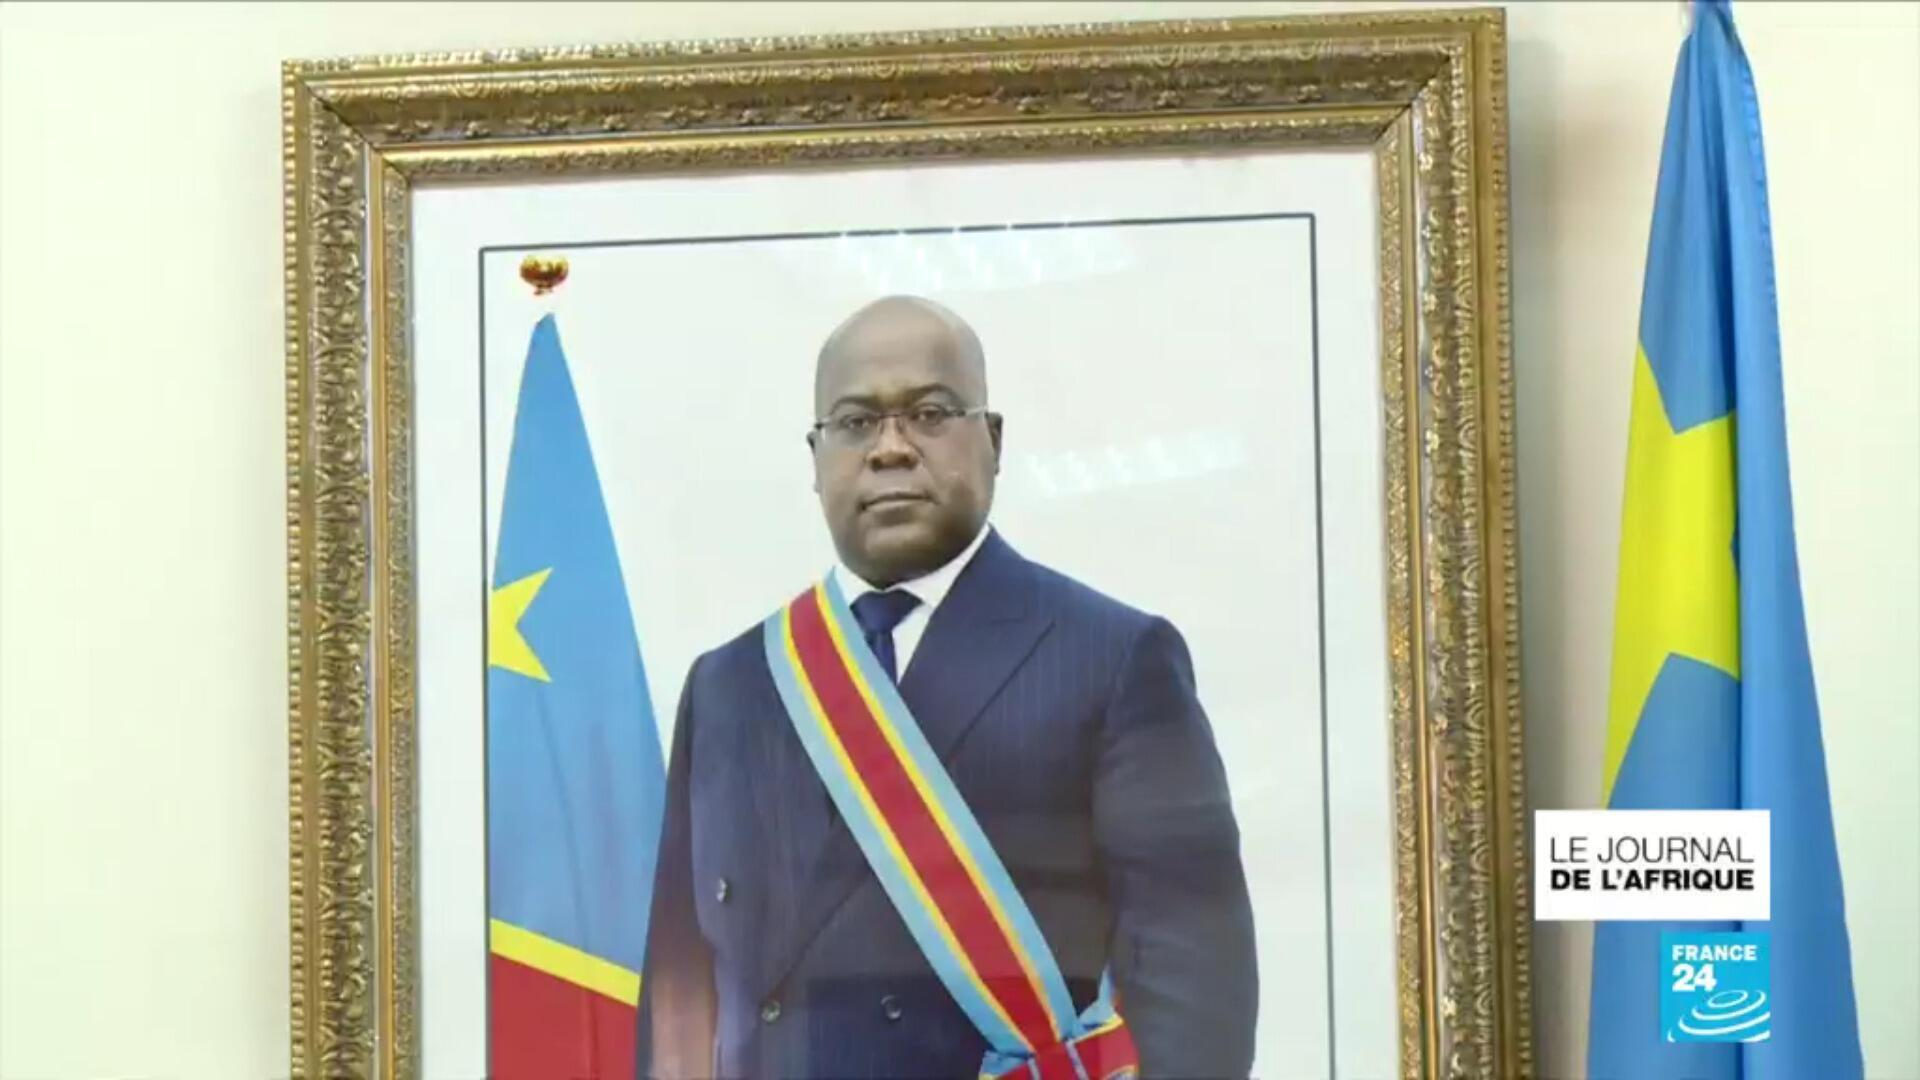 Droits de l'Homme en RD Congo : le bilan mitigé du président Tshisekedi